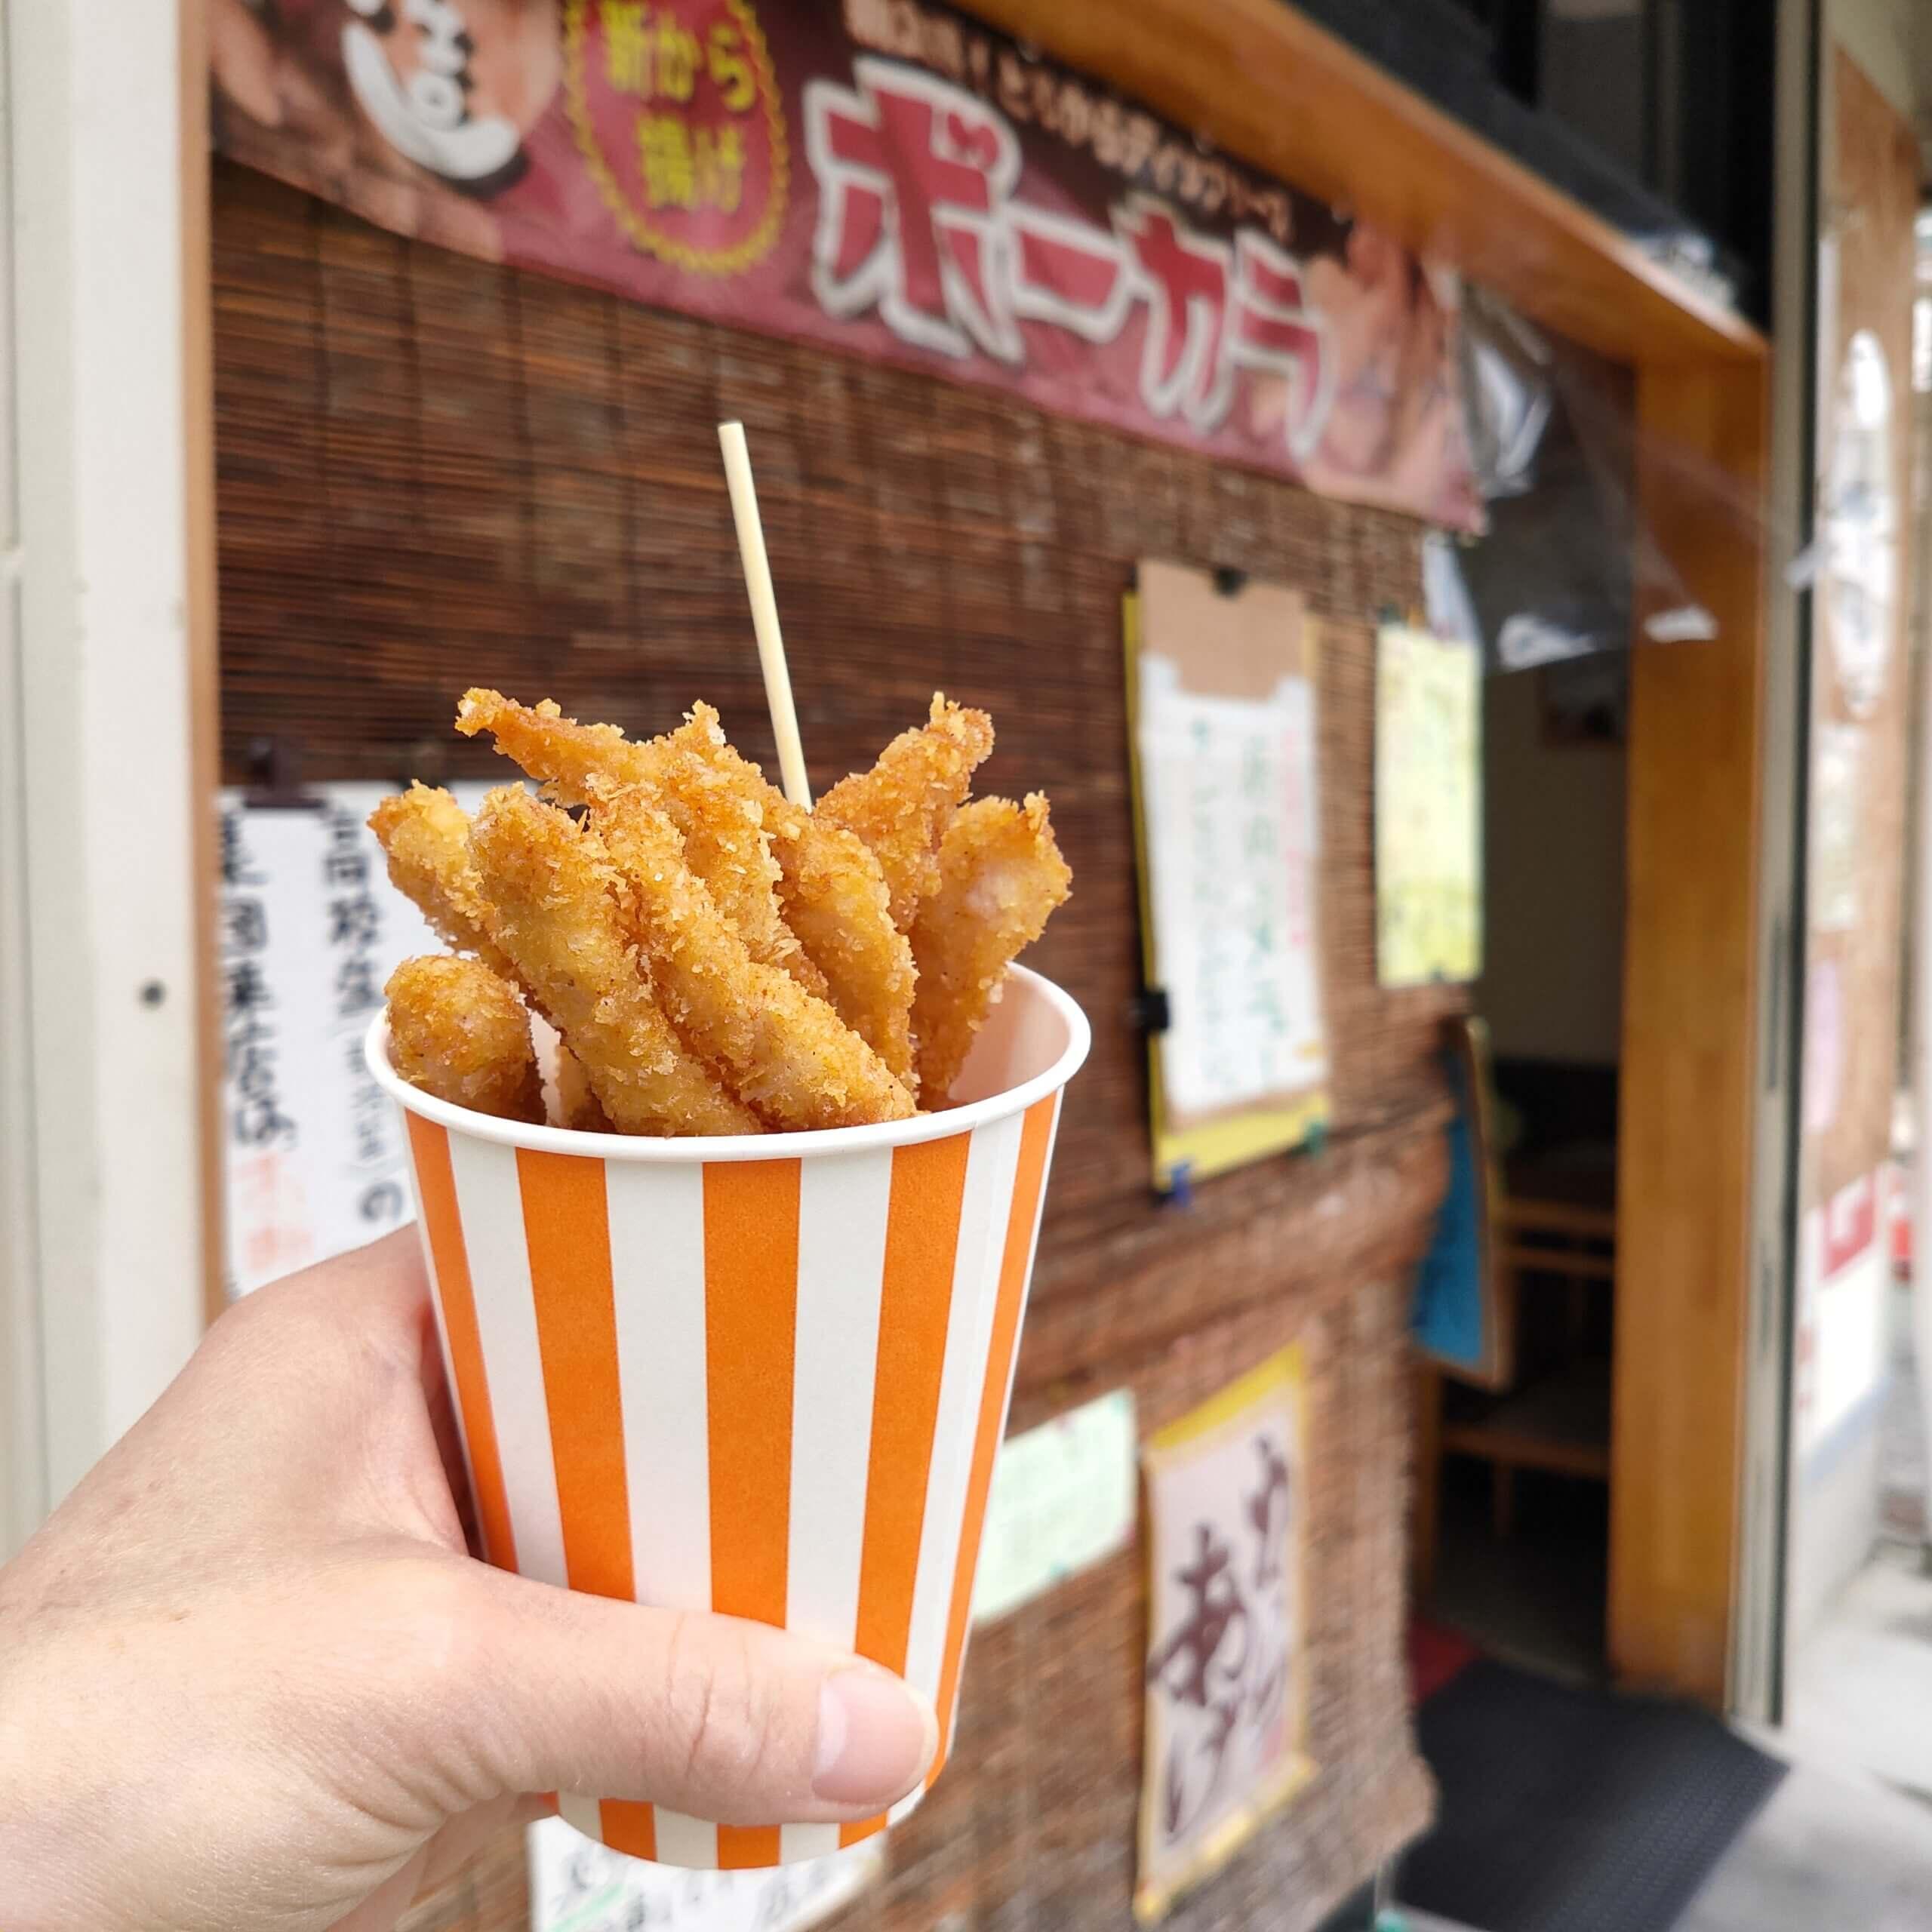 【からあげ喜造】塩からあげが美味い♪人気のボーカラもあります《熊本市中央区出水》